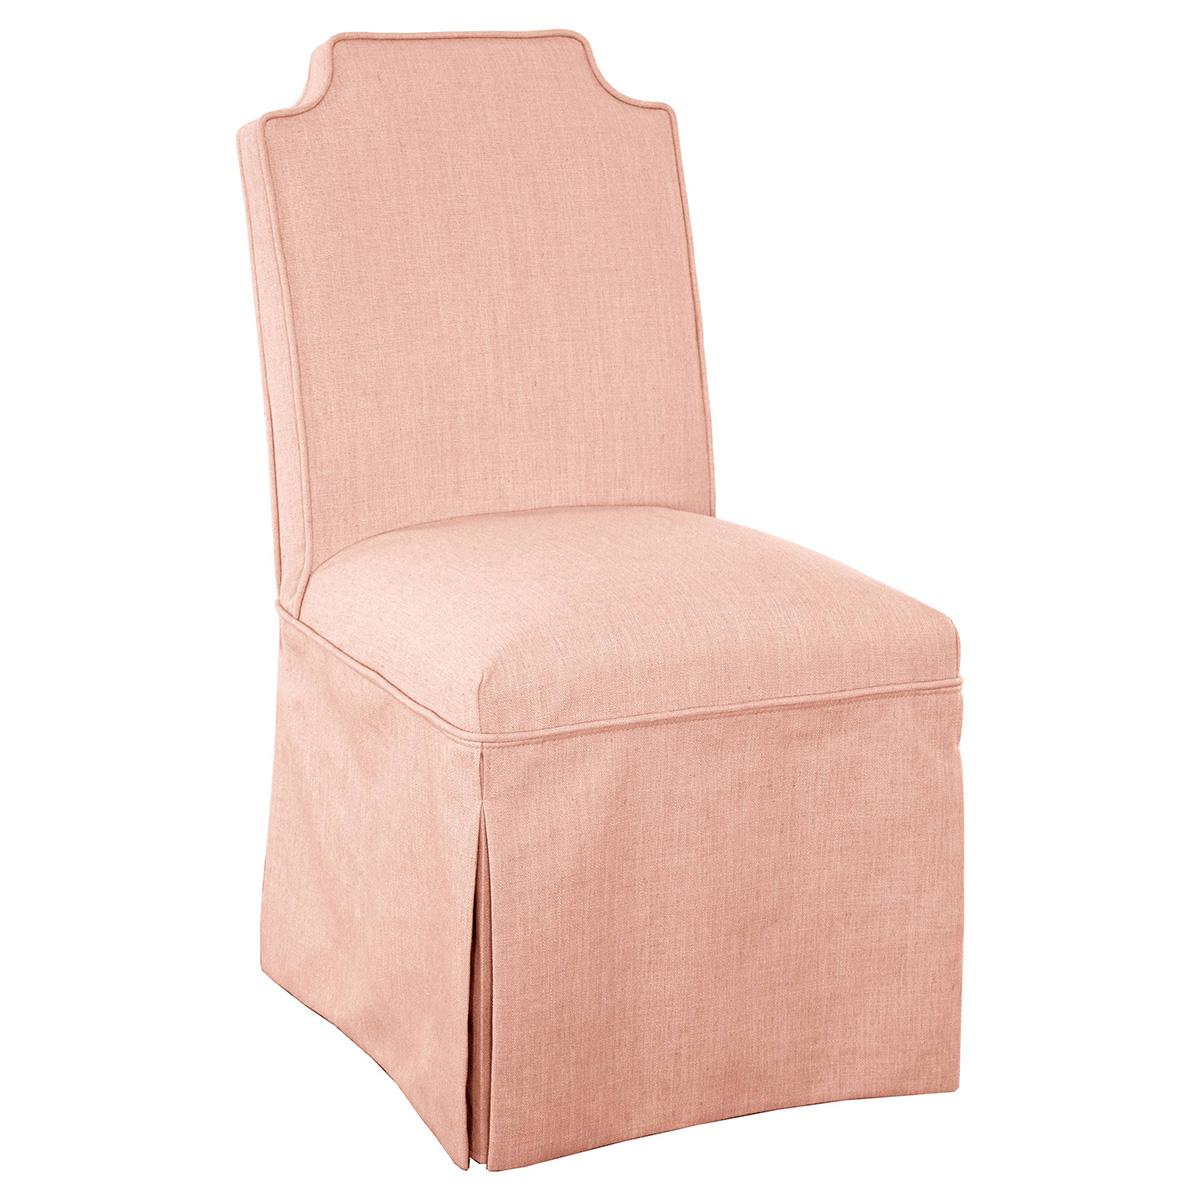 Good Skirted Slipper Chair